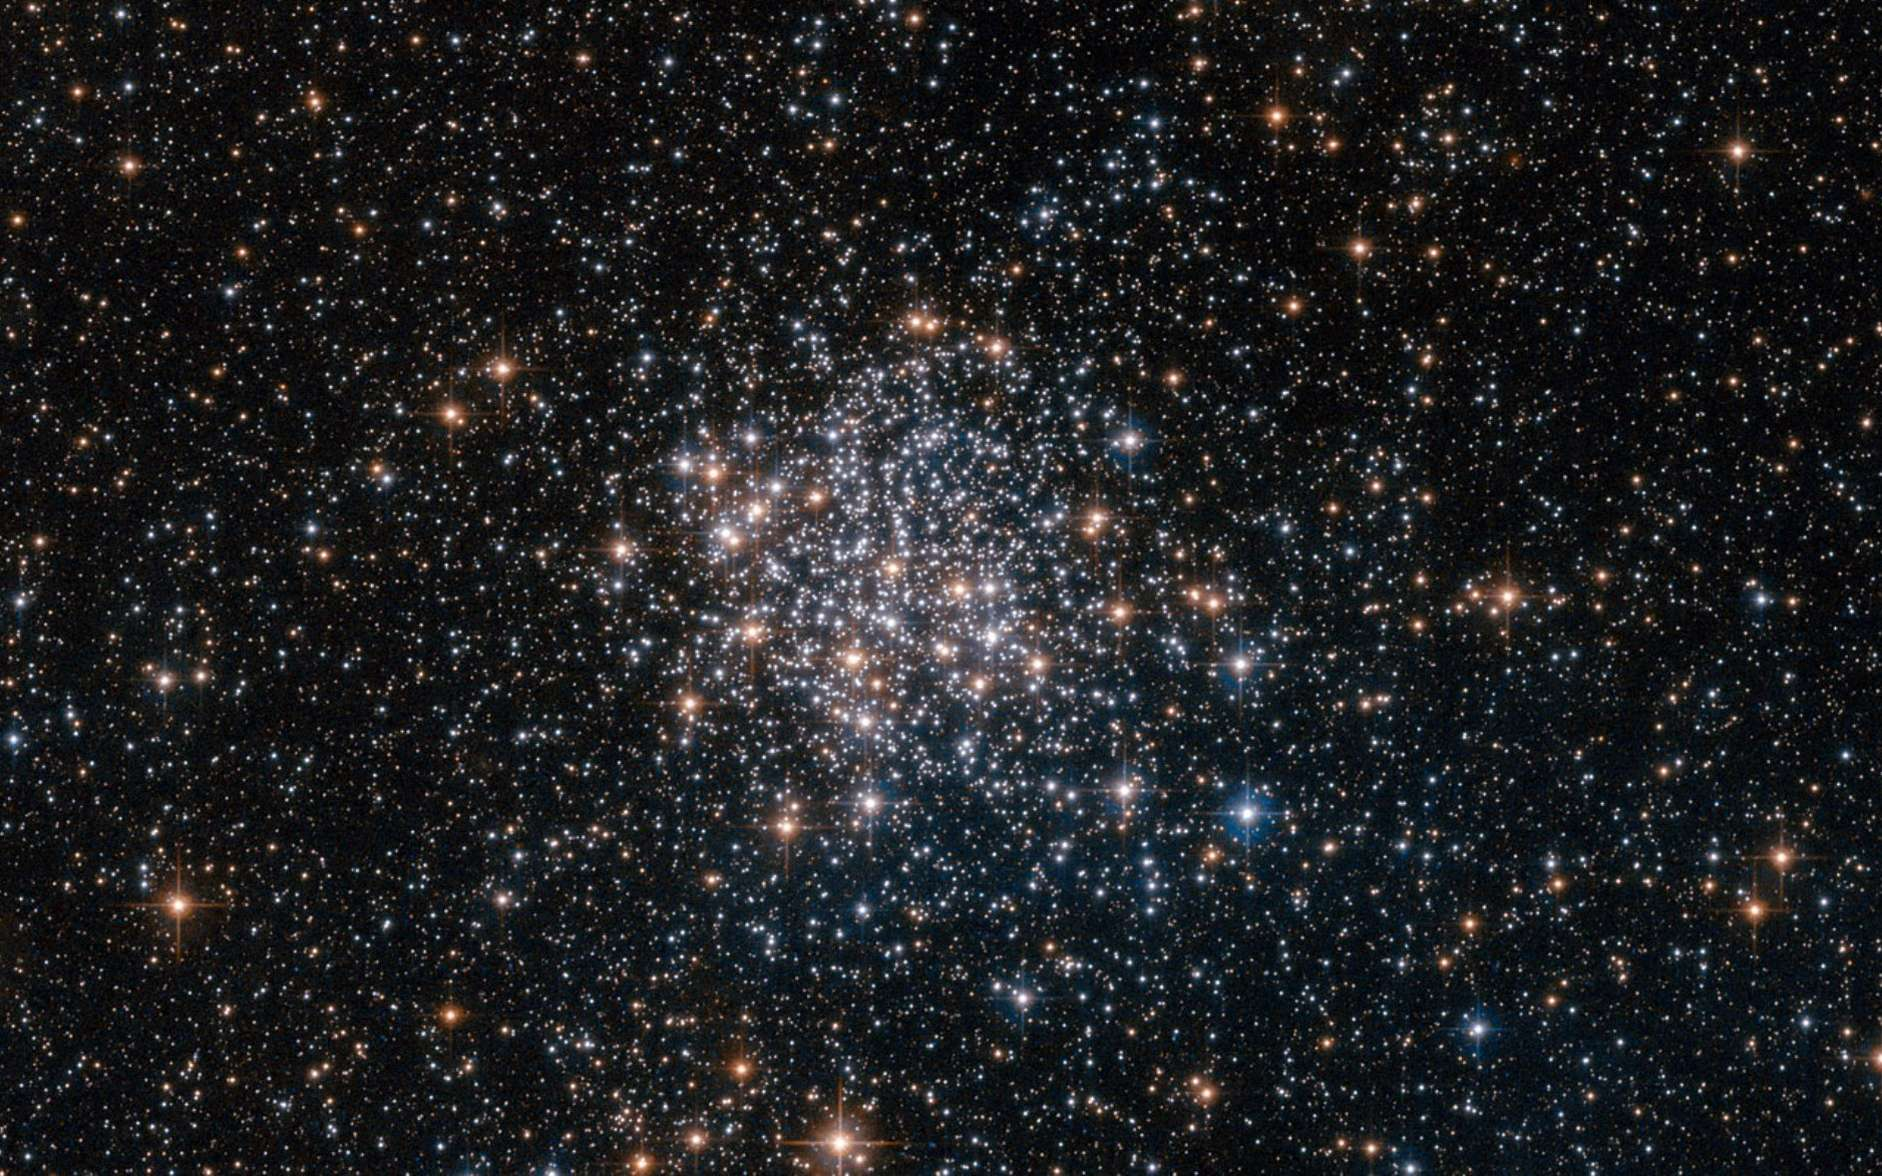 Dans l'amas ouvert NGC 1854, vu par Hubble, les étoiles sont de masses différentes mais cependant presque toutes nées en même temps, par effondrement gravitationnell et fragmentation d'un nuage moléculaire. Les étoiles visibles sont donc jeunes et, dans un milliard d'années tout au plus, elles seront dispersées. Pour un Terrien, NGC 1854 est observable depuis l'hémisphère sud. © Nasa, Esa